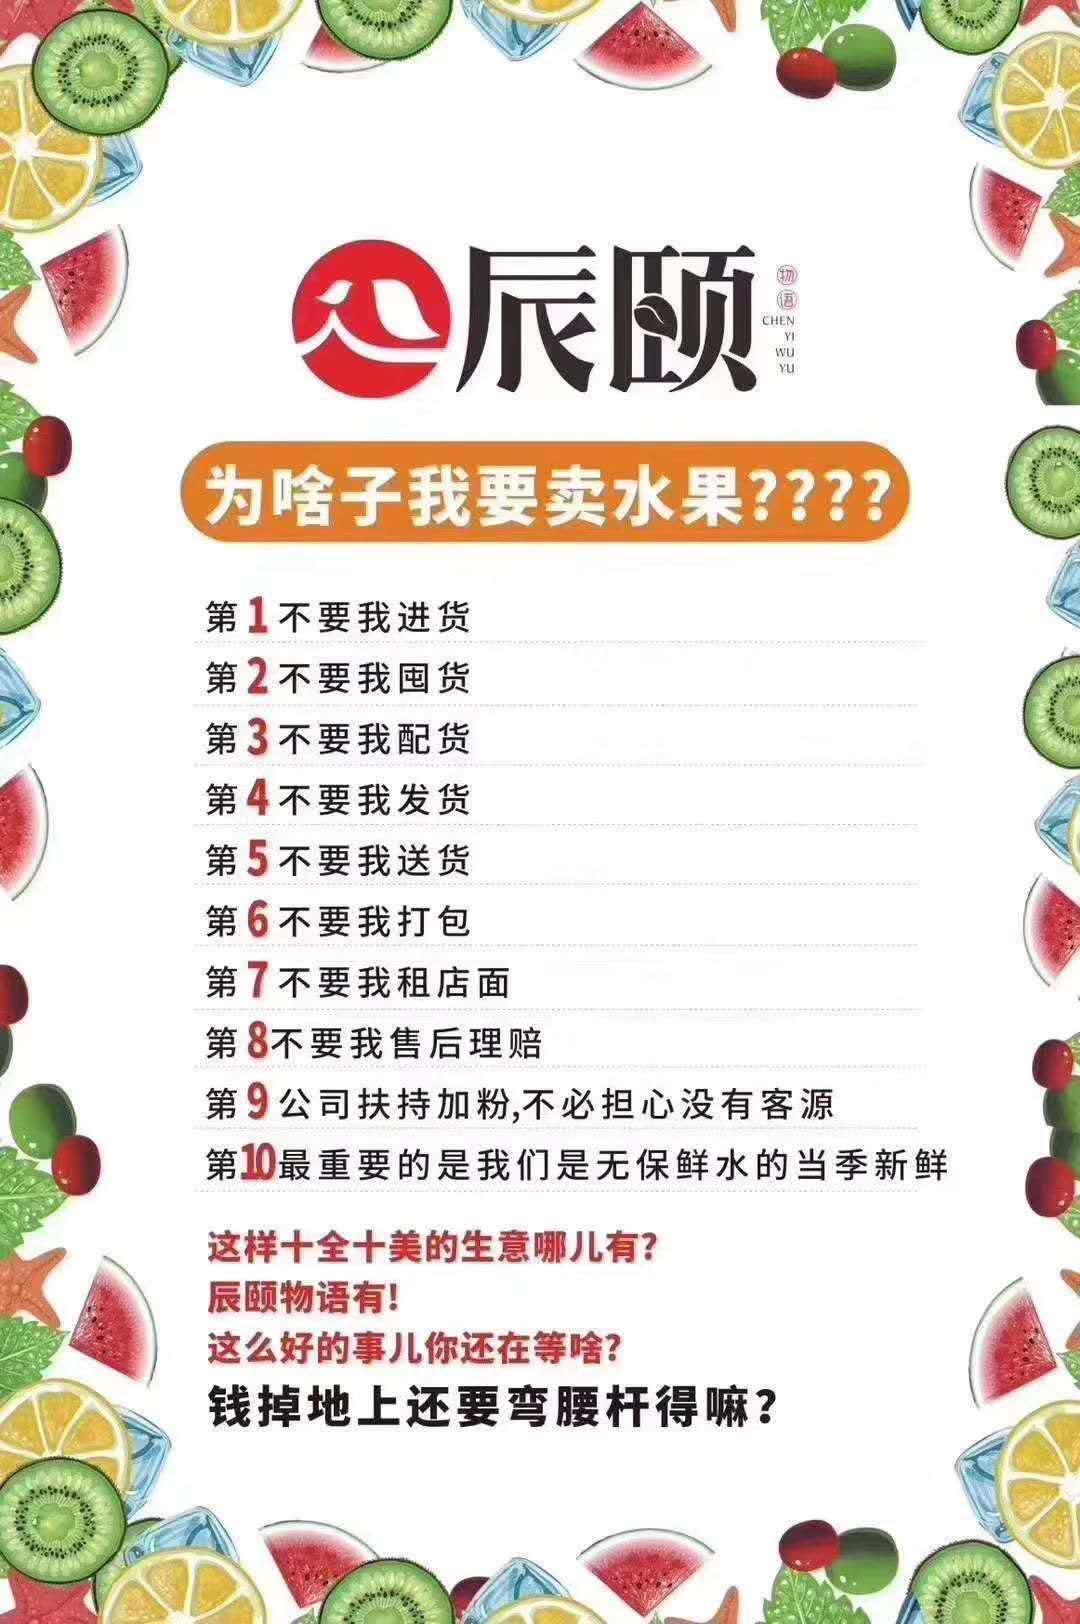 [辰颐物语新鲜水果]实惠、好吃,健康是每个家庭必备品